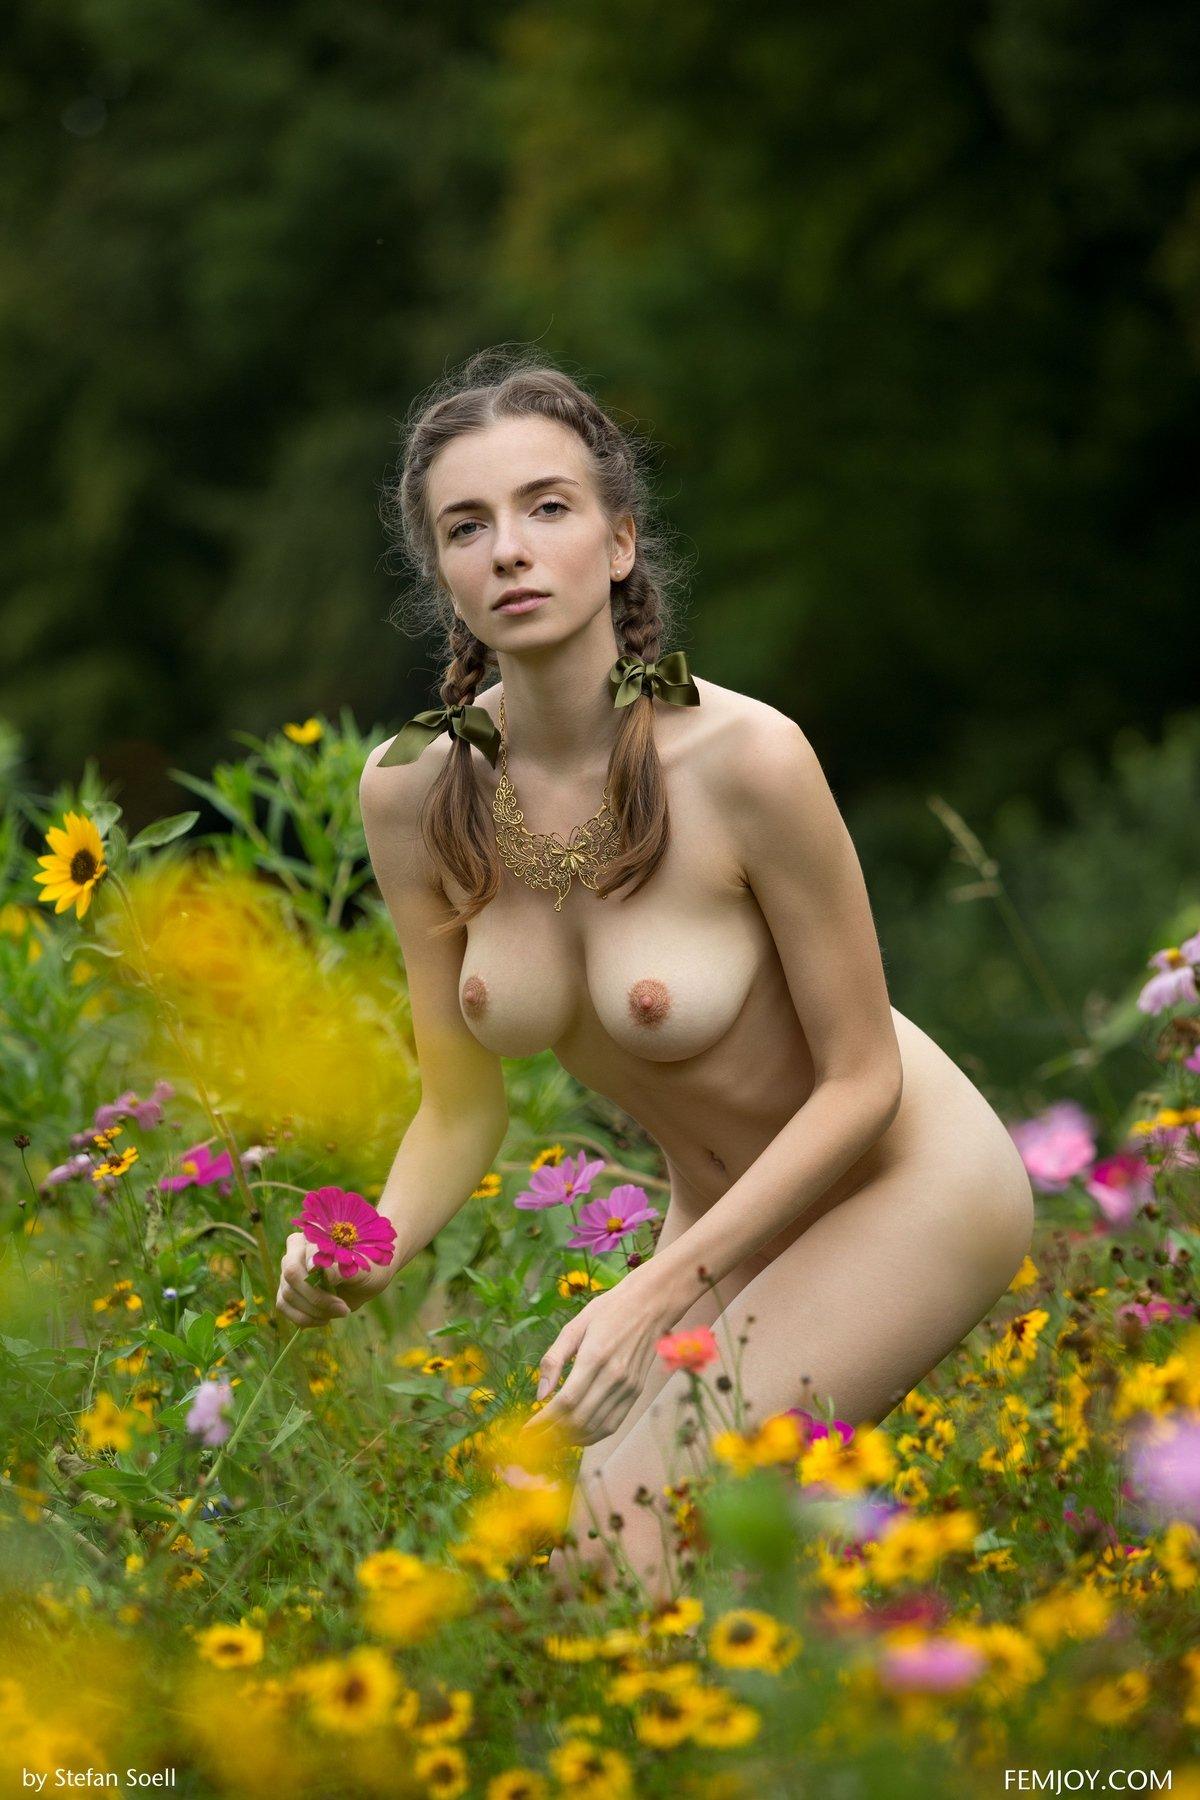 Девушка с прекрасной фигурой среди ярких полевых цветов